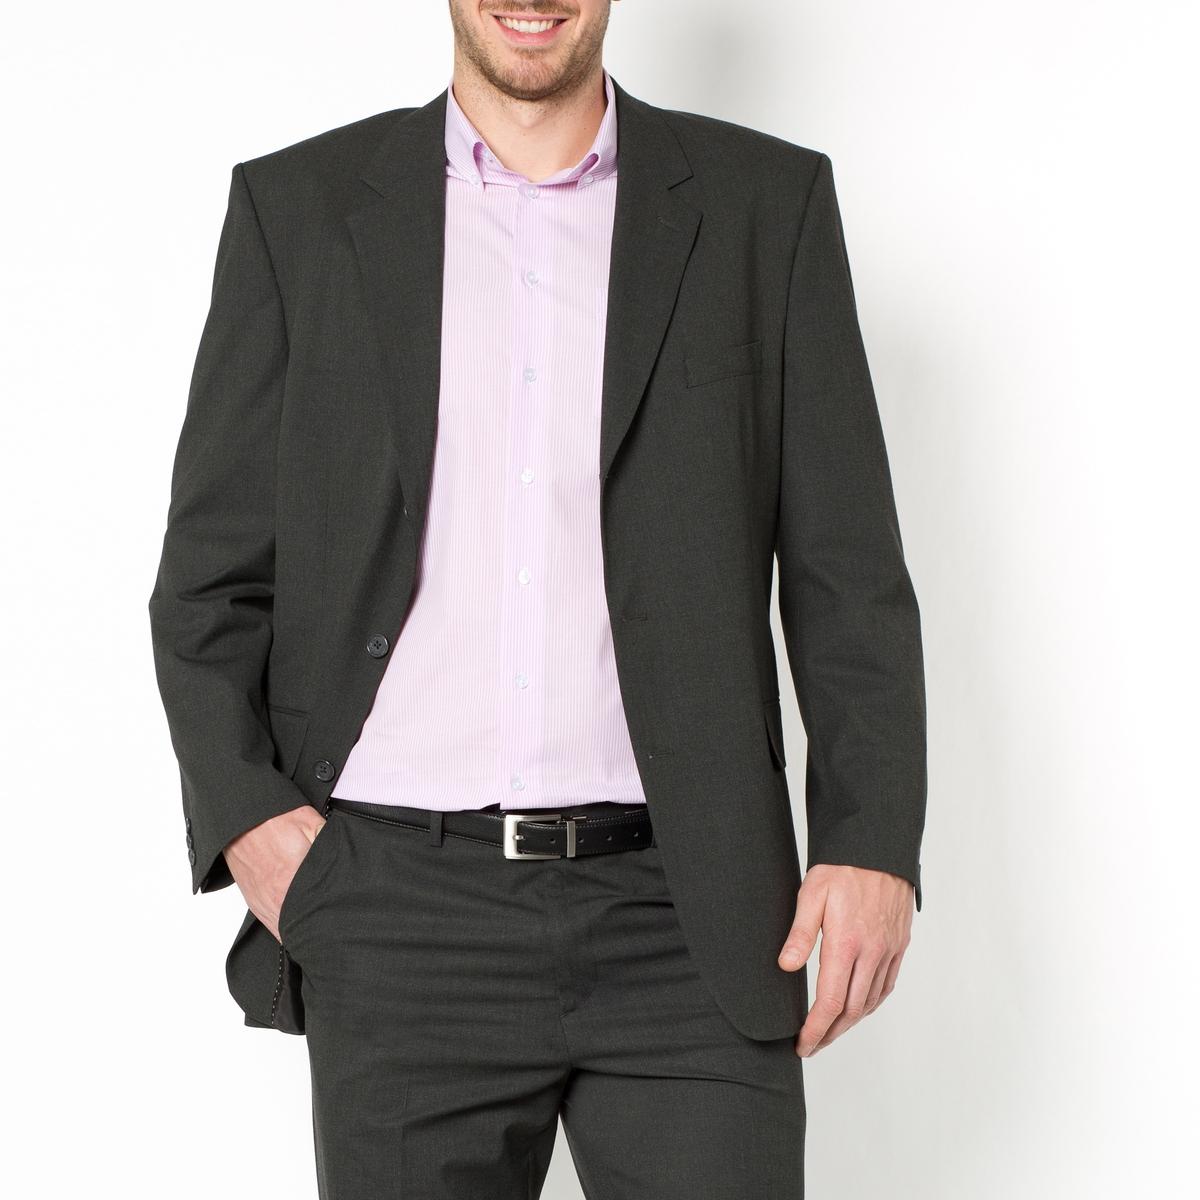 Пиджак костюмный, стрейч, размер 3Полностью на подкладке, 100% полиэстер. Размер 3 : на рост от 187 см.Прямой покрой, 3 пуговицы. Шлица сзади. 1 нагрудный карман и 2 кармана с клапаном спереди, 3 внутренних кармана. 3 пуговицы на рукавах. Контрастная отделка видимым швом.Существует также в размере 1 (на рост до 176 см)и в размере 2 (на рост от 176 до 187 см).<br><br>Цвет: антрацит,темно-синий,черный<br>Размер: 54.58.62